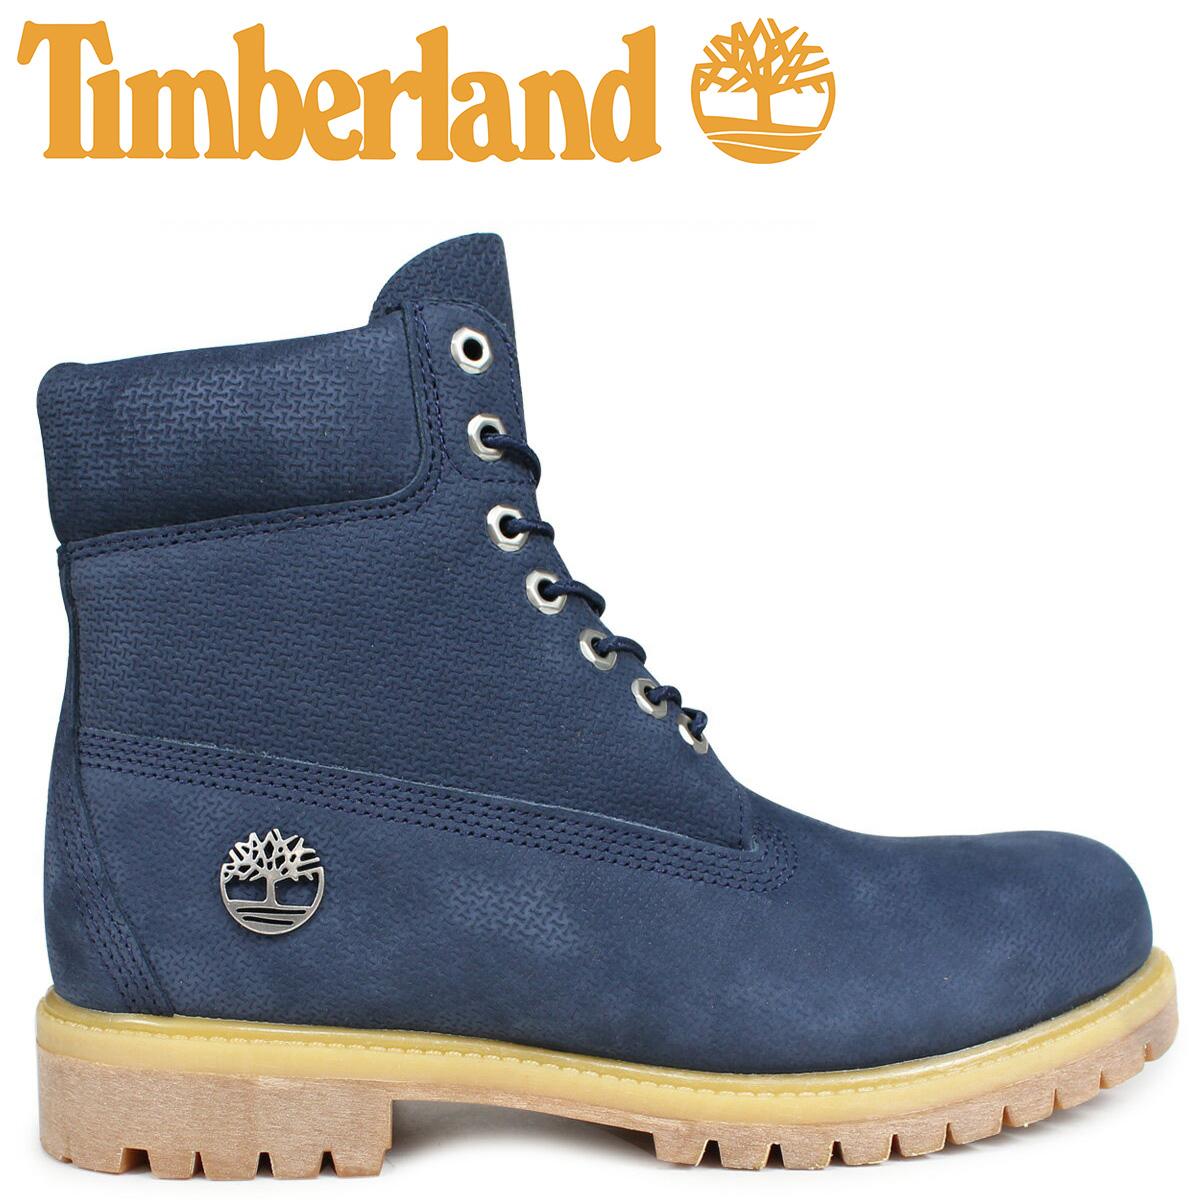 Timberland ブーツ メンズ 6インチ ティンバーランド 6INCH PREMIUM BOOT A1U89 Wワイズ プレミアム ブラック 黒